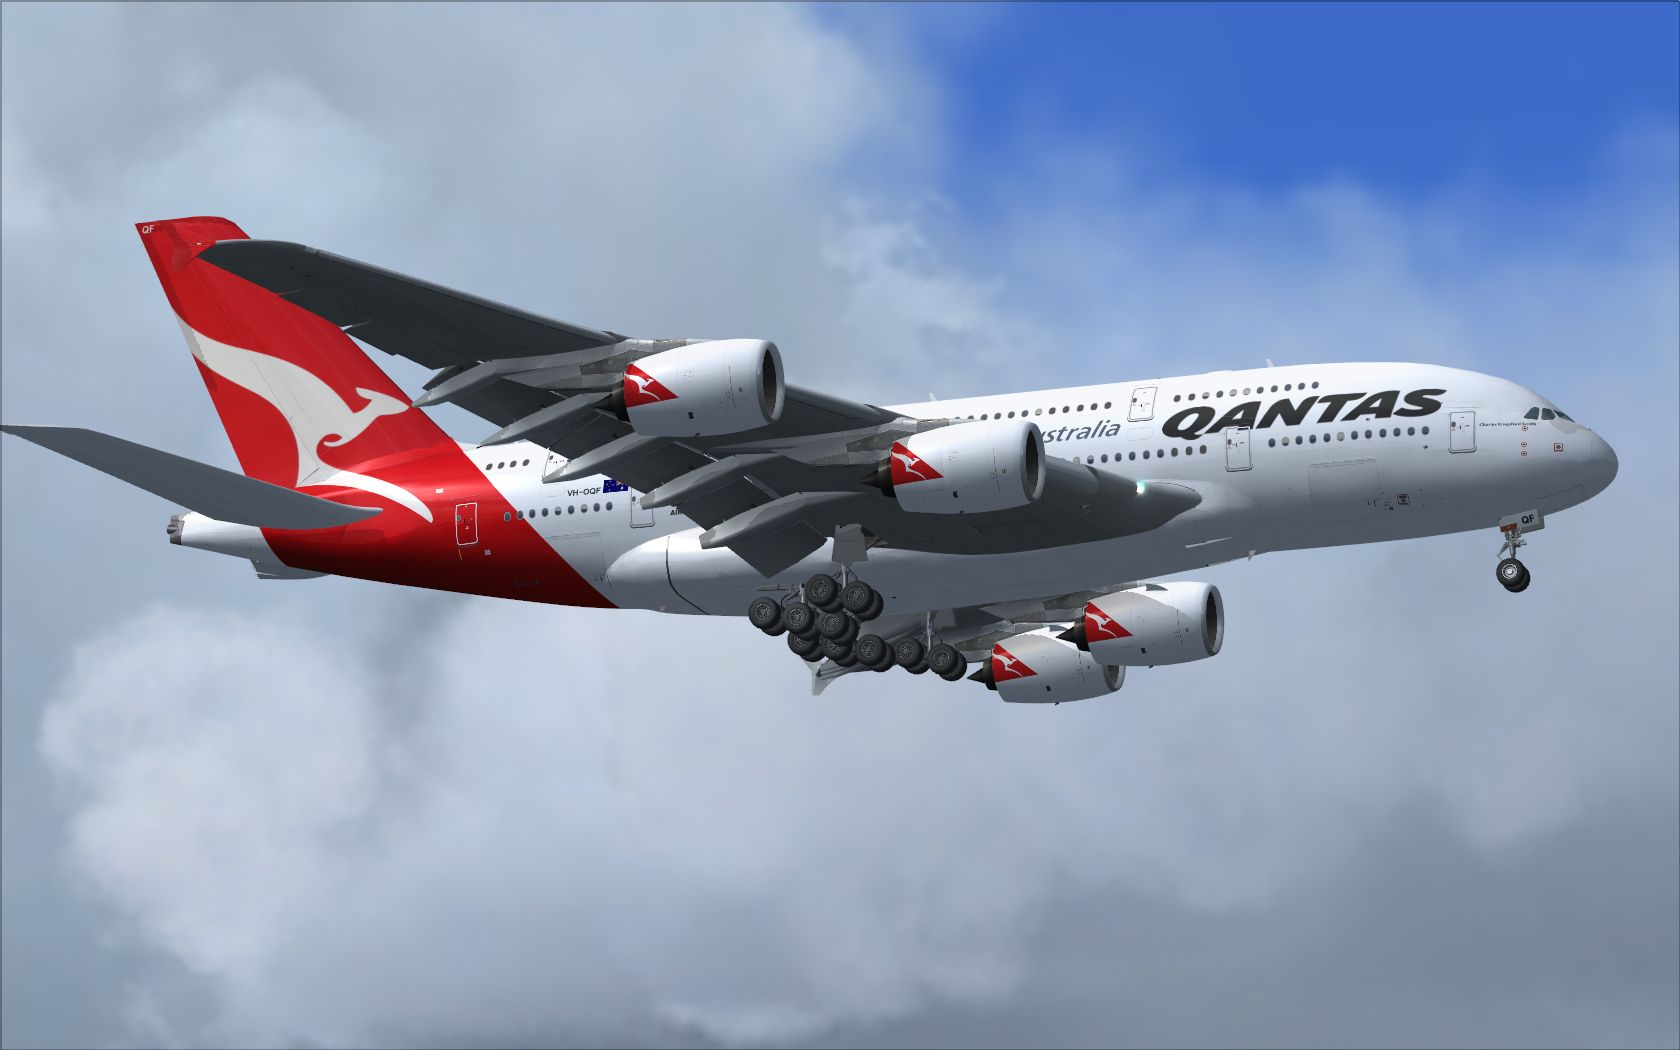 Free download Airbus A380 Qantas Wallpaper Qantas Airbus A380 in Fsx